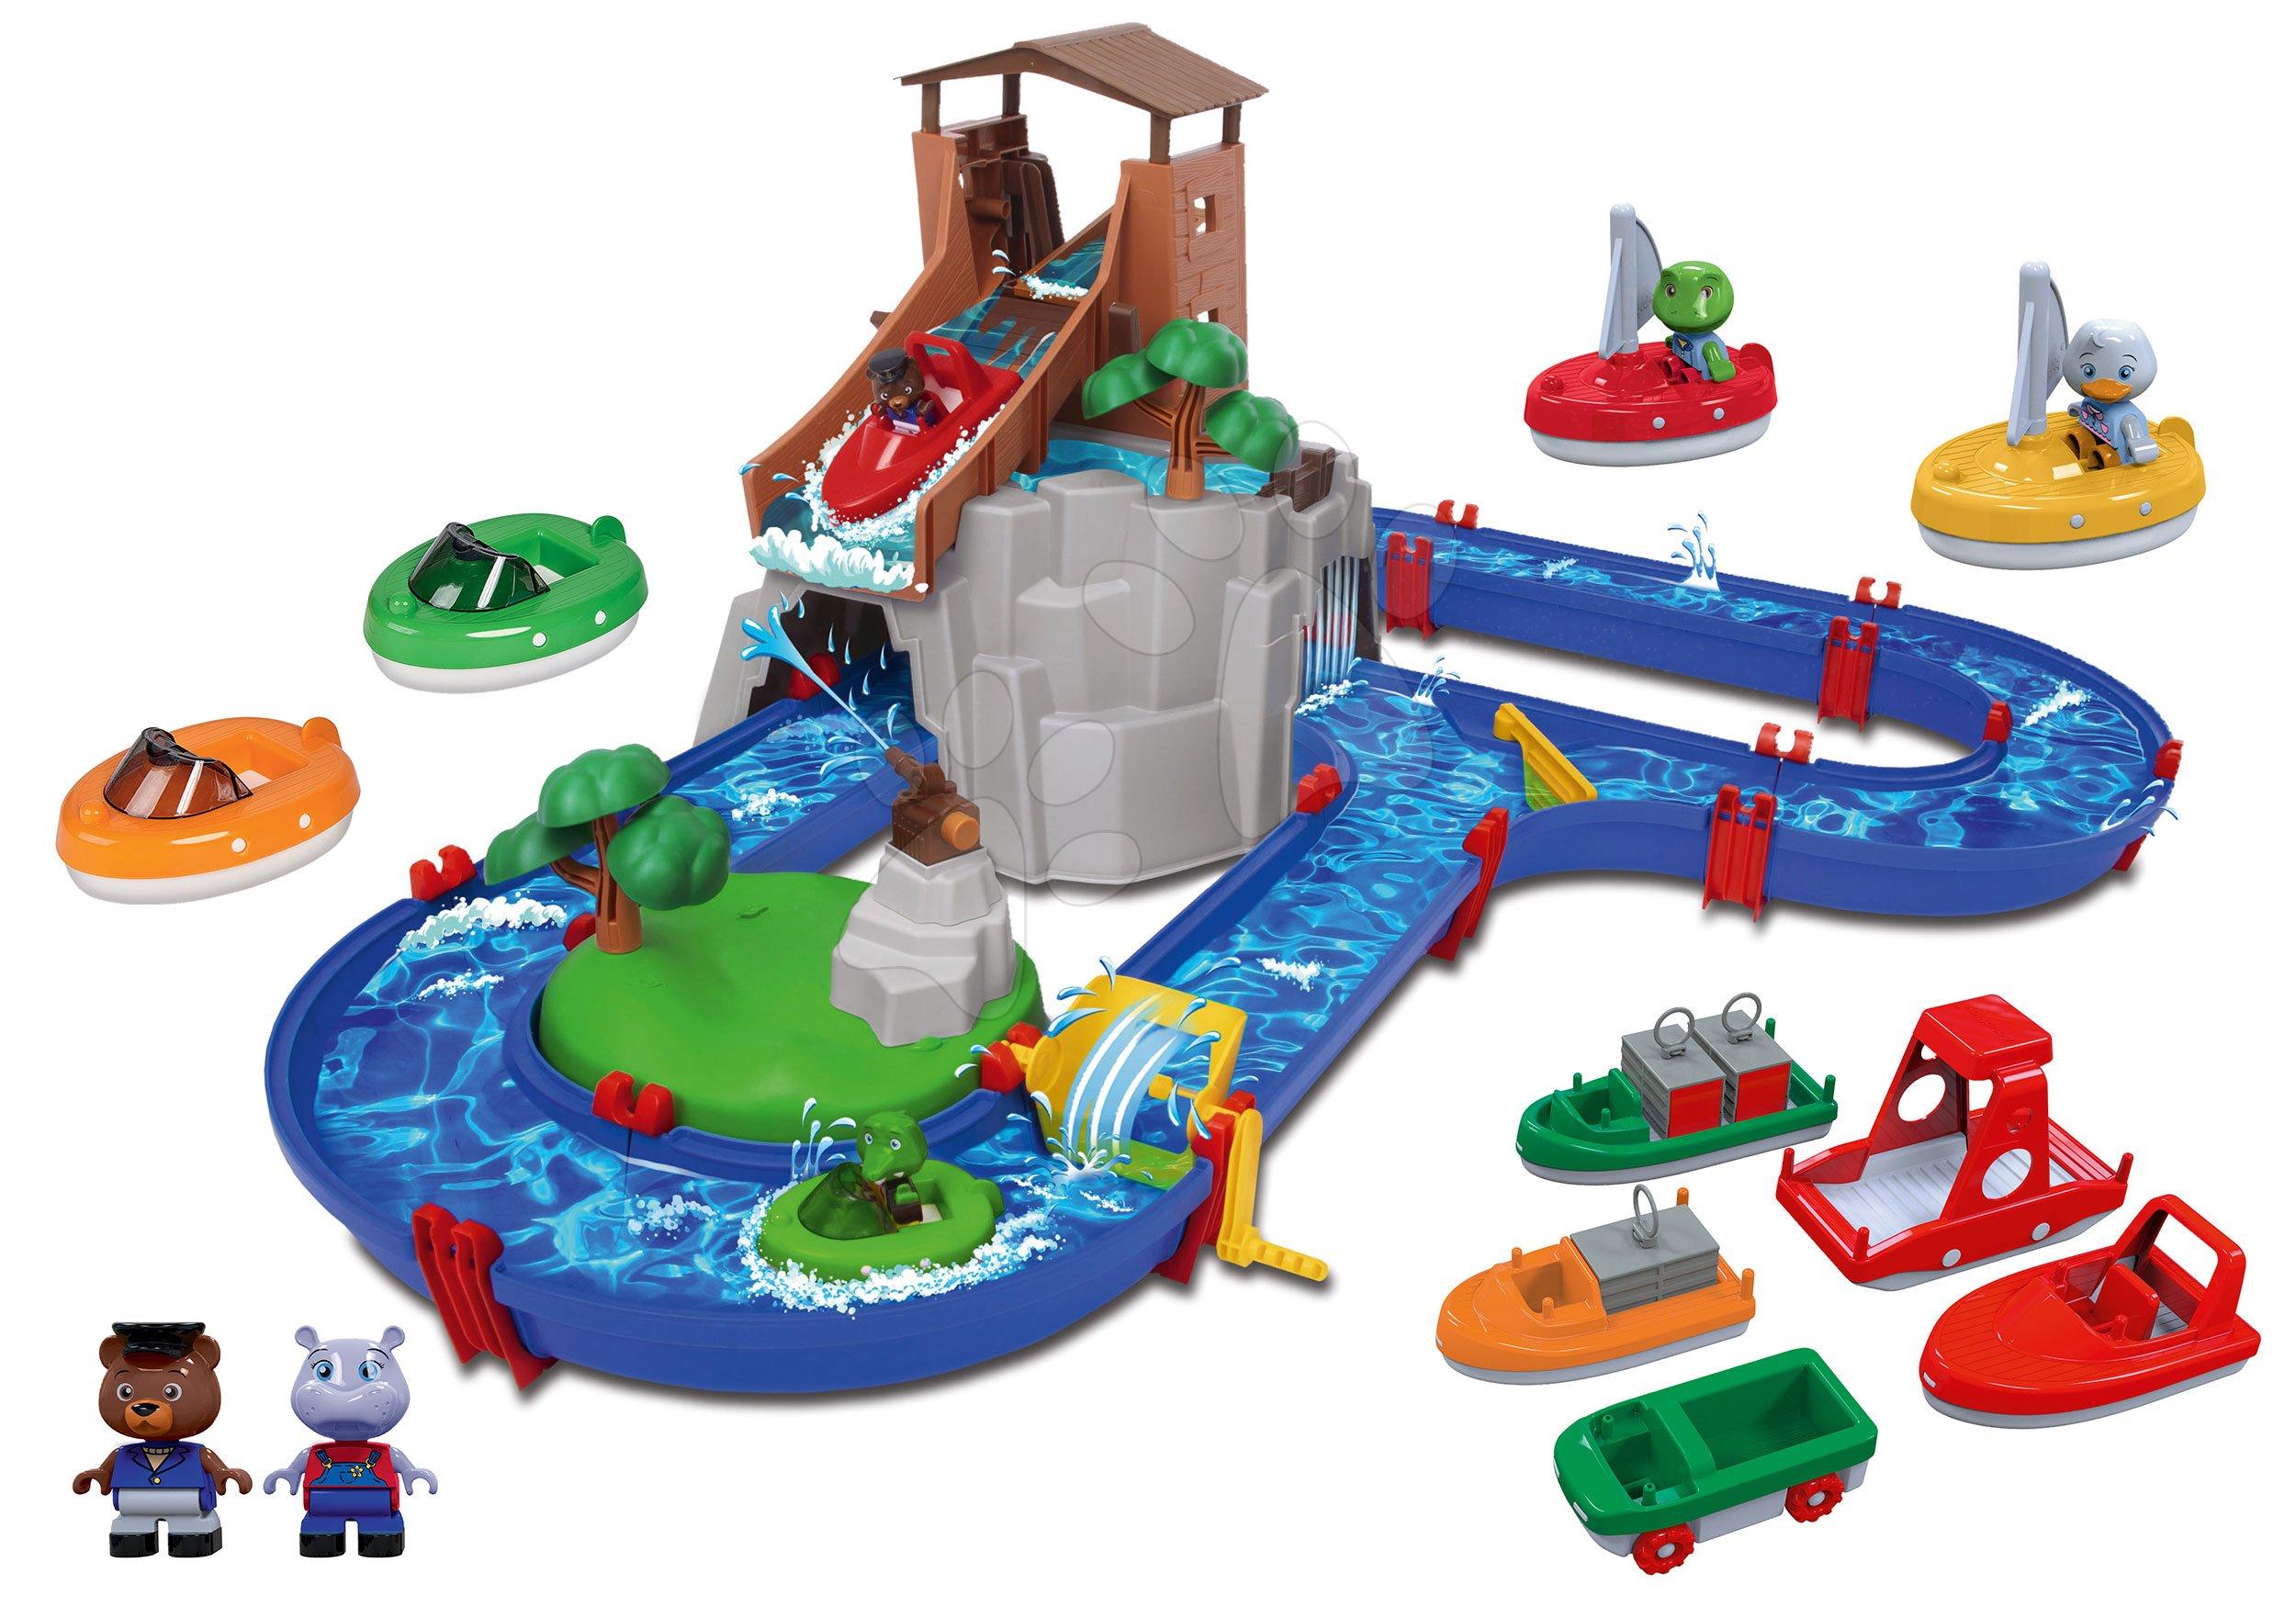 Set vodná dráha Adventure Land AquaPlay dobrodružstvo pod vodopádom s plachetnicami a loďkami